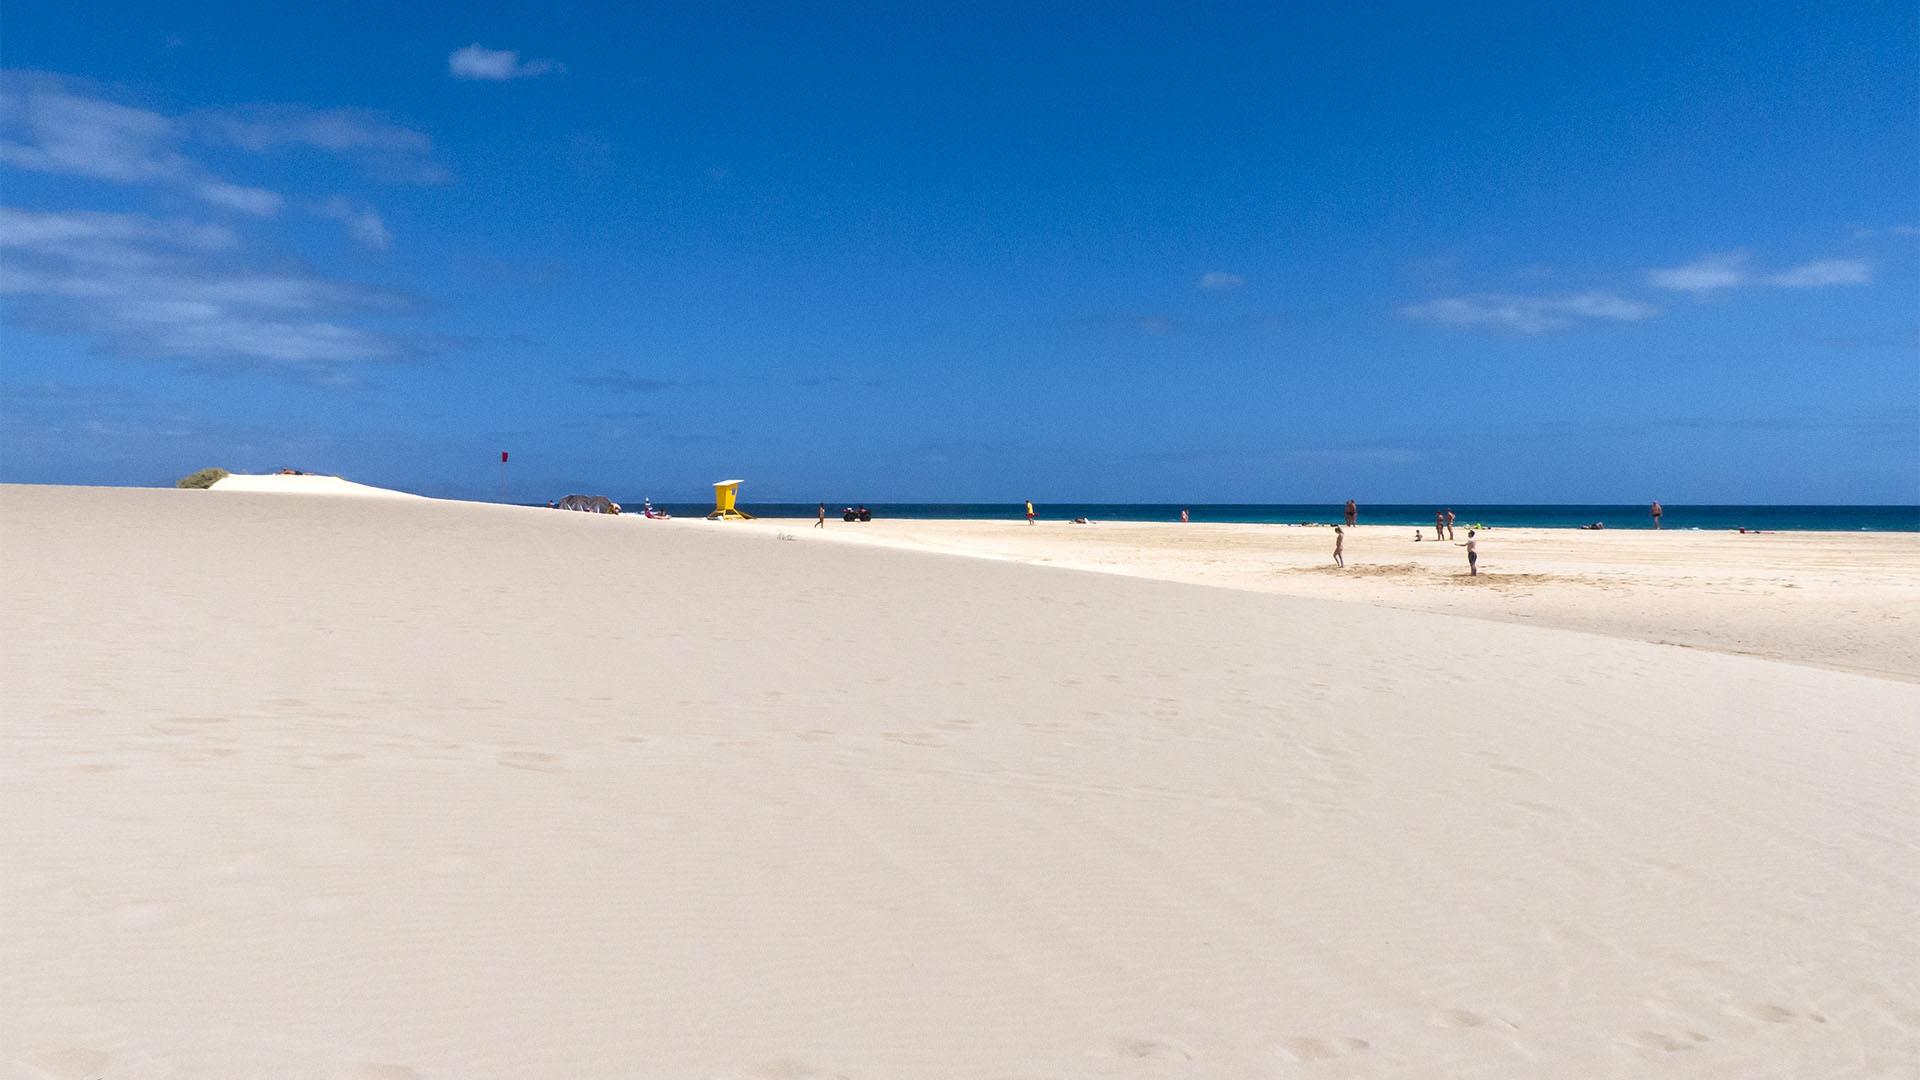 El Jable nahe Corralejo Fuerteventura – Playa de Los Matos Fuerteventura.